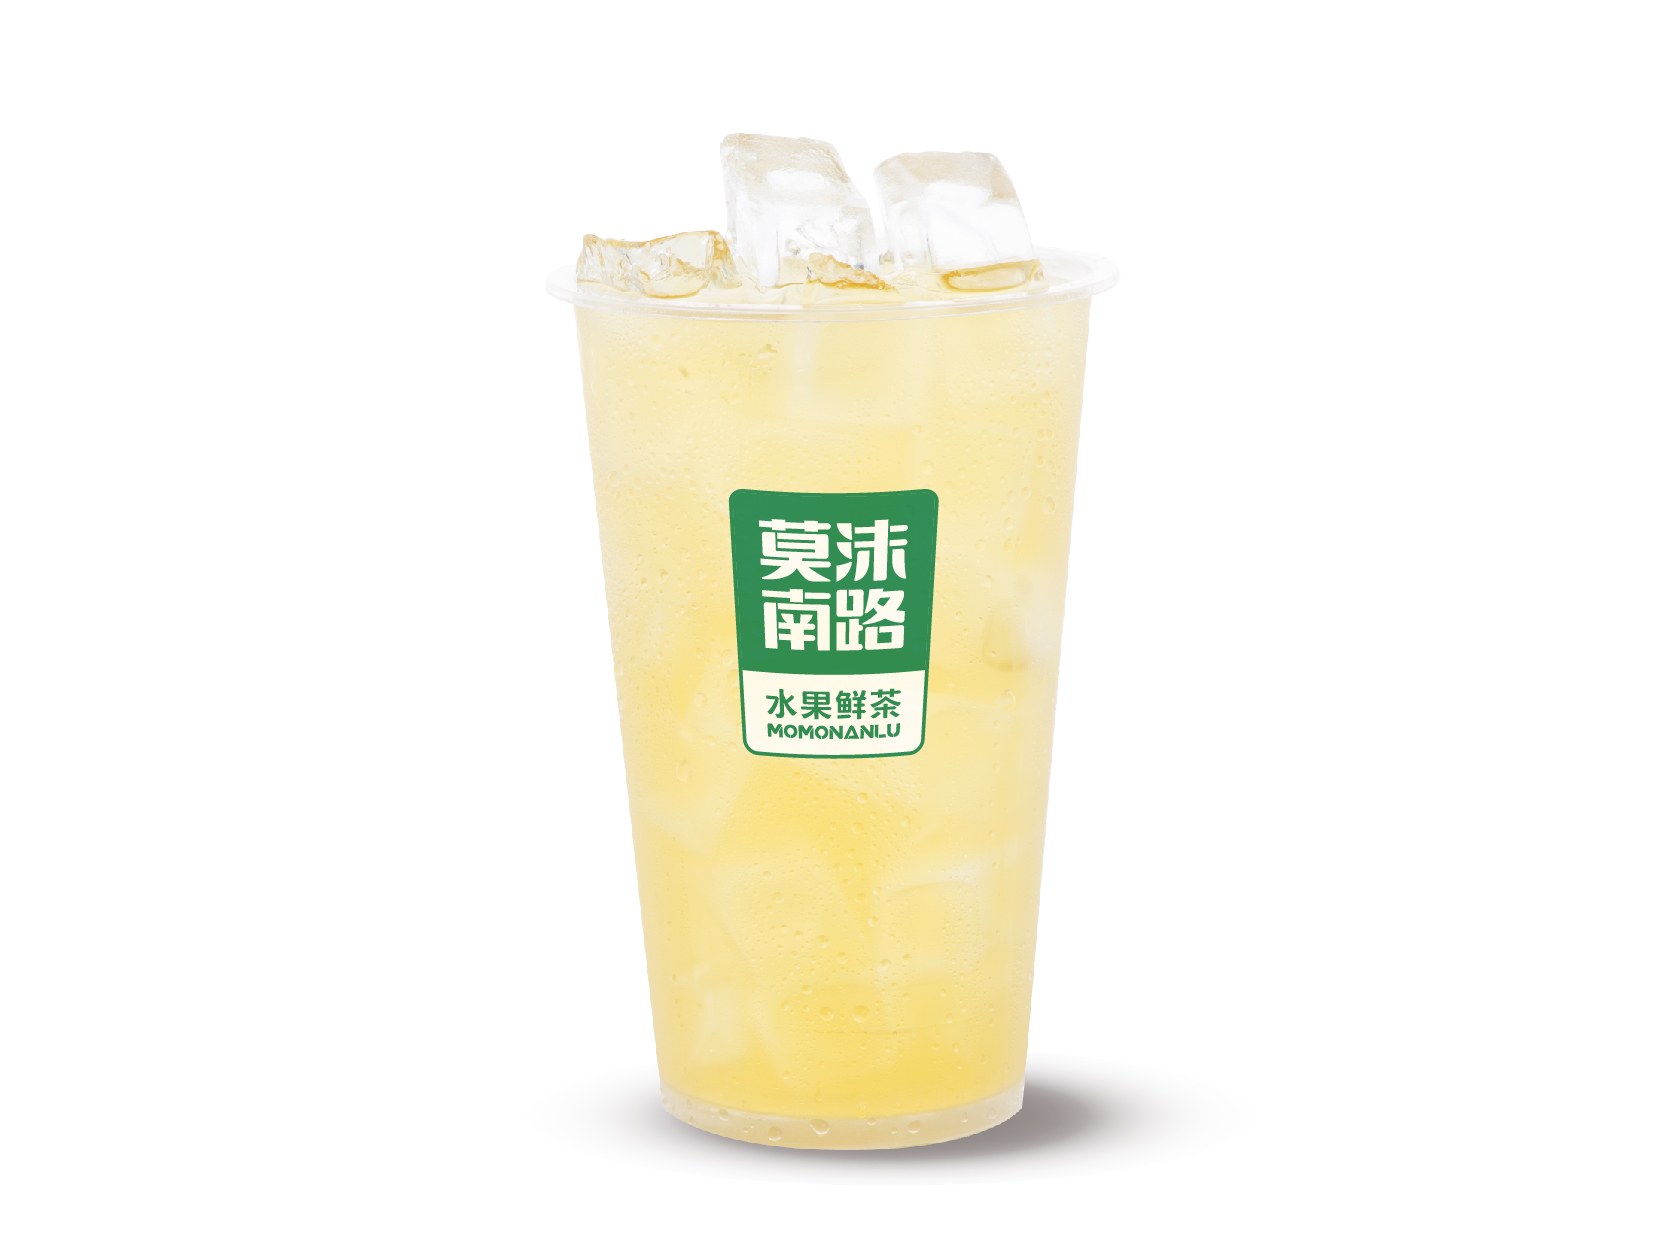 夏日炎炎,最佳冰品冷萃茶免费喝~